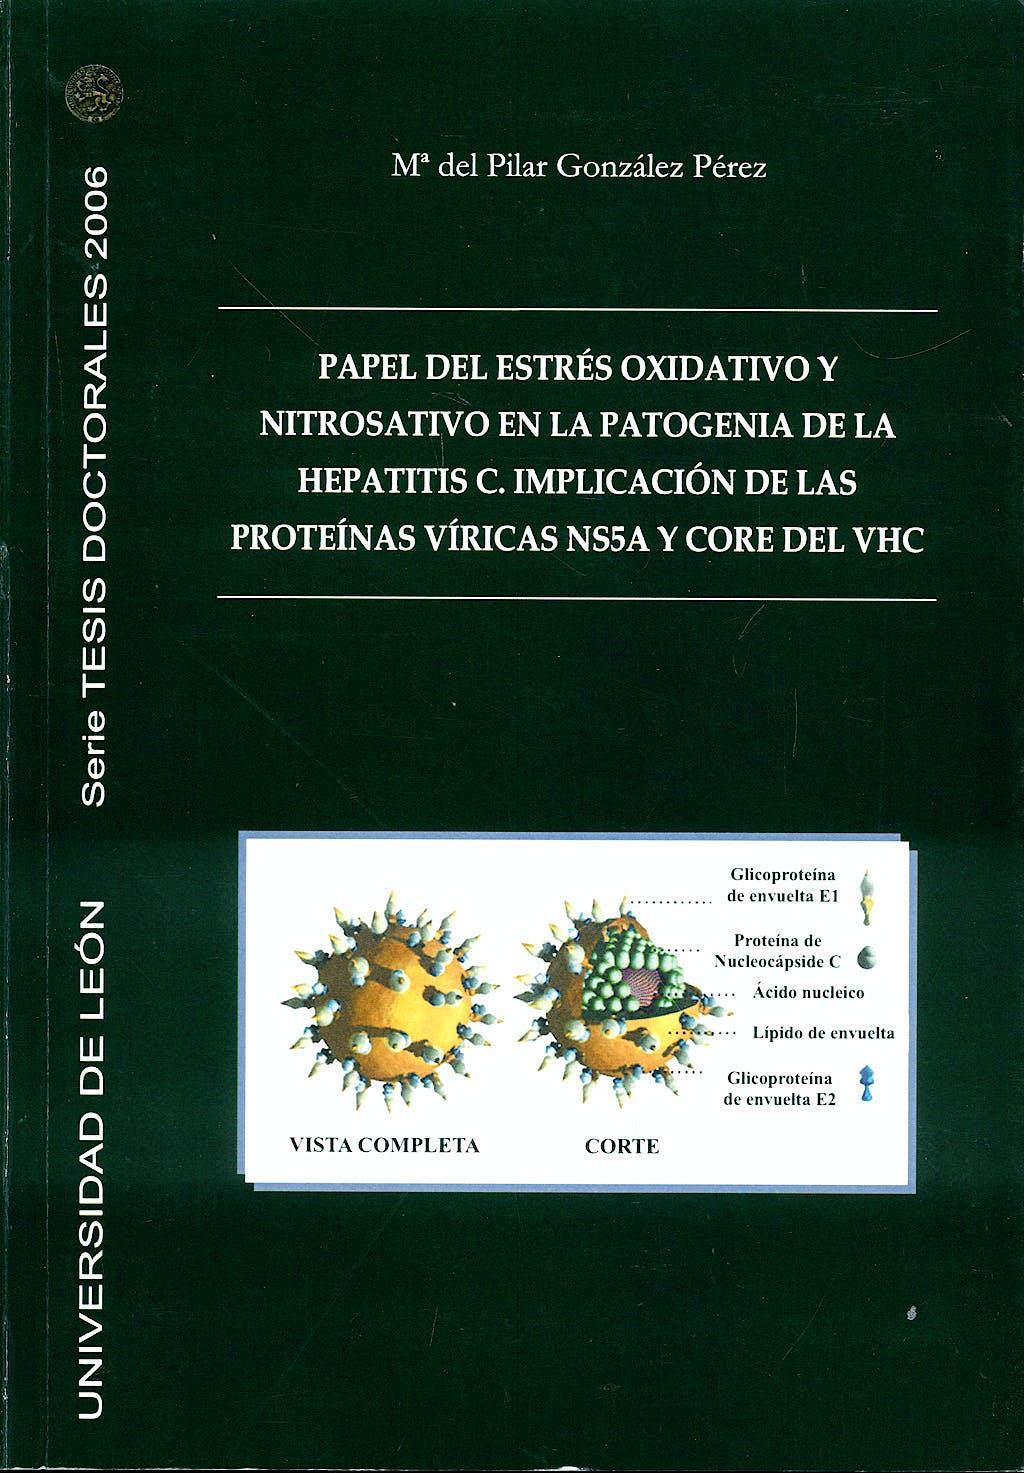 Portada del libro 9788497733007 Papel del Estres Oxidativo y Nitrosativo en la Patogenia de la Hepatitis C: Implicacion de las Proteinas Viricas Ns5a y Core del Vhc.